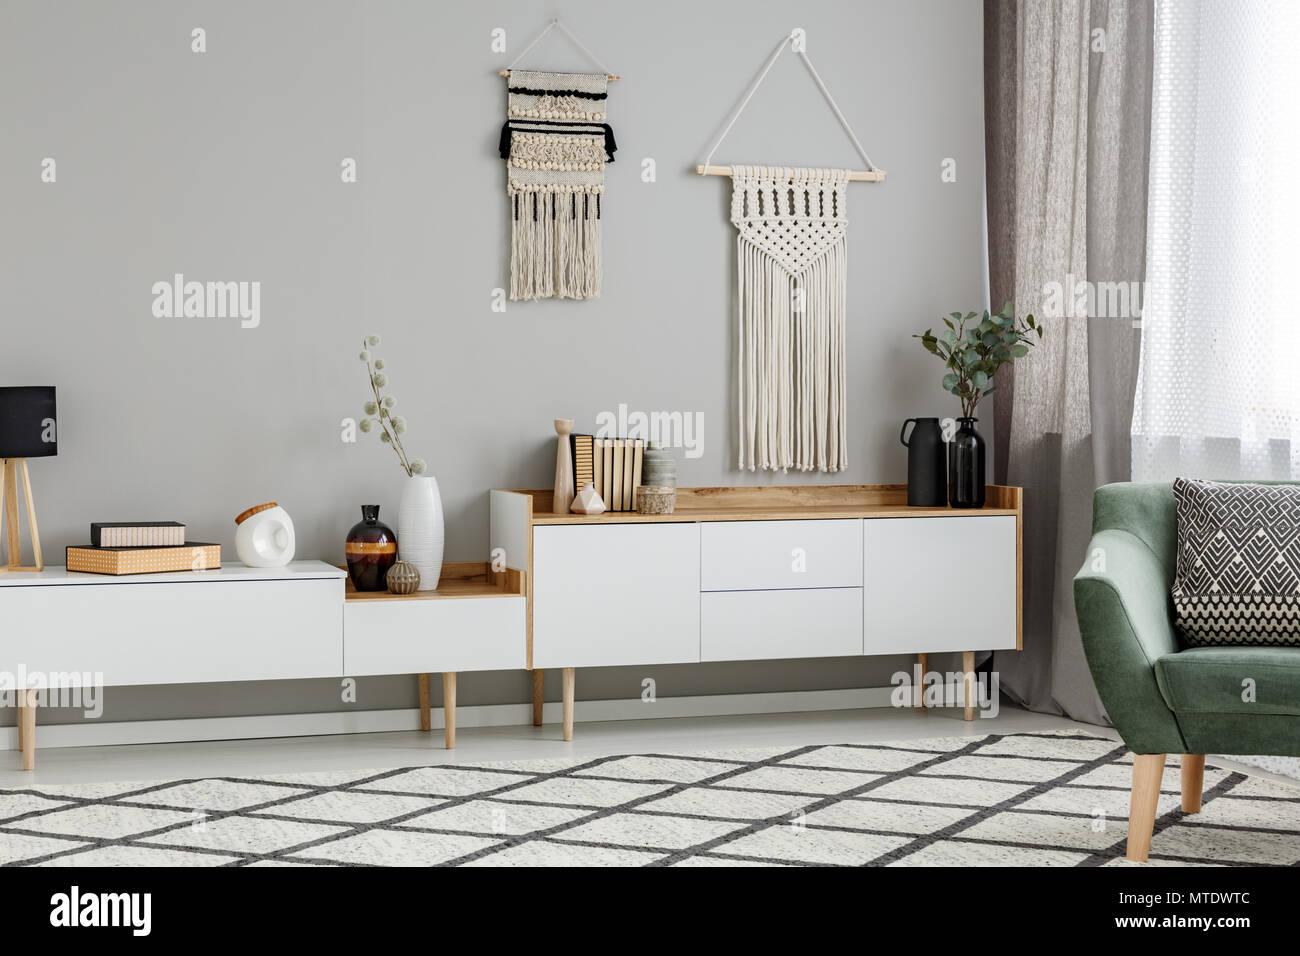 Diy Dekoration An Der Wand Uber Weissen Schrank Im Wohnzimmer